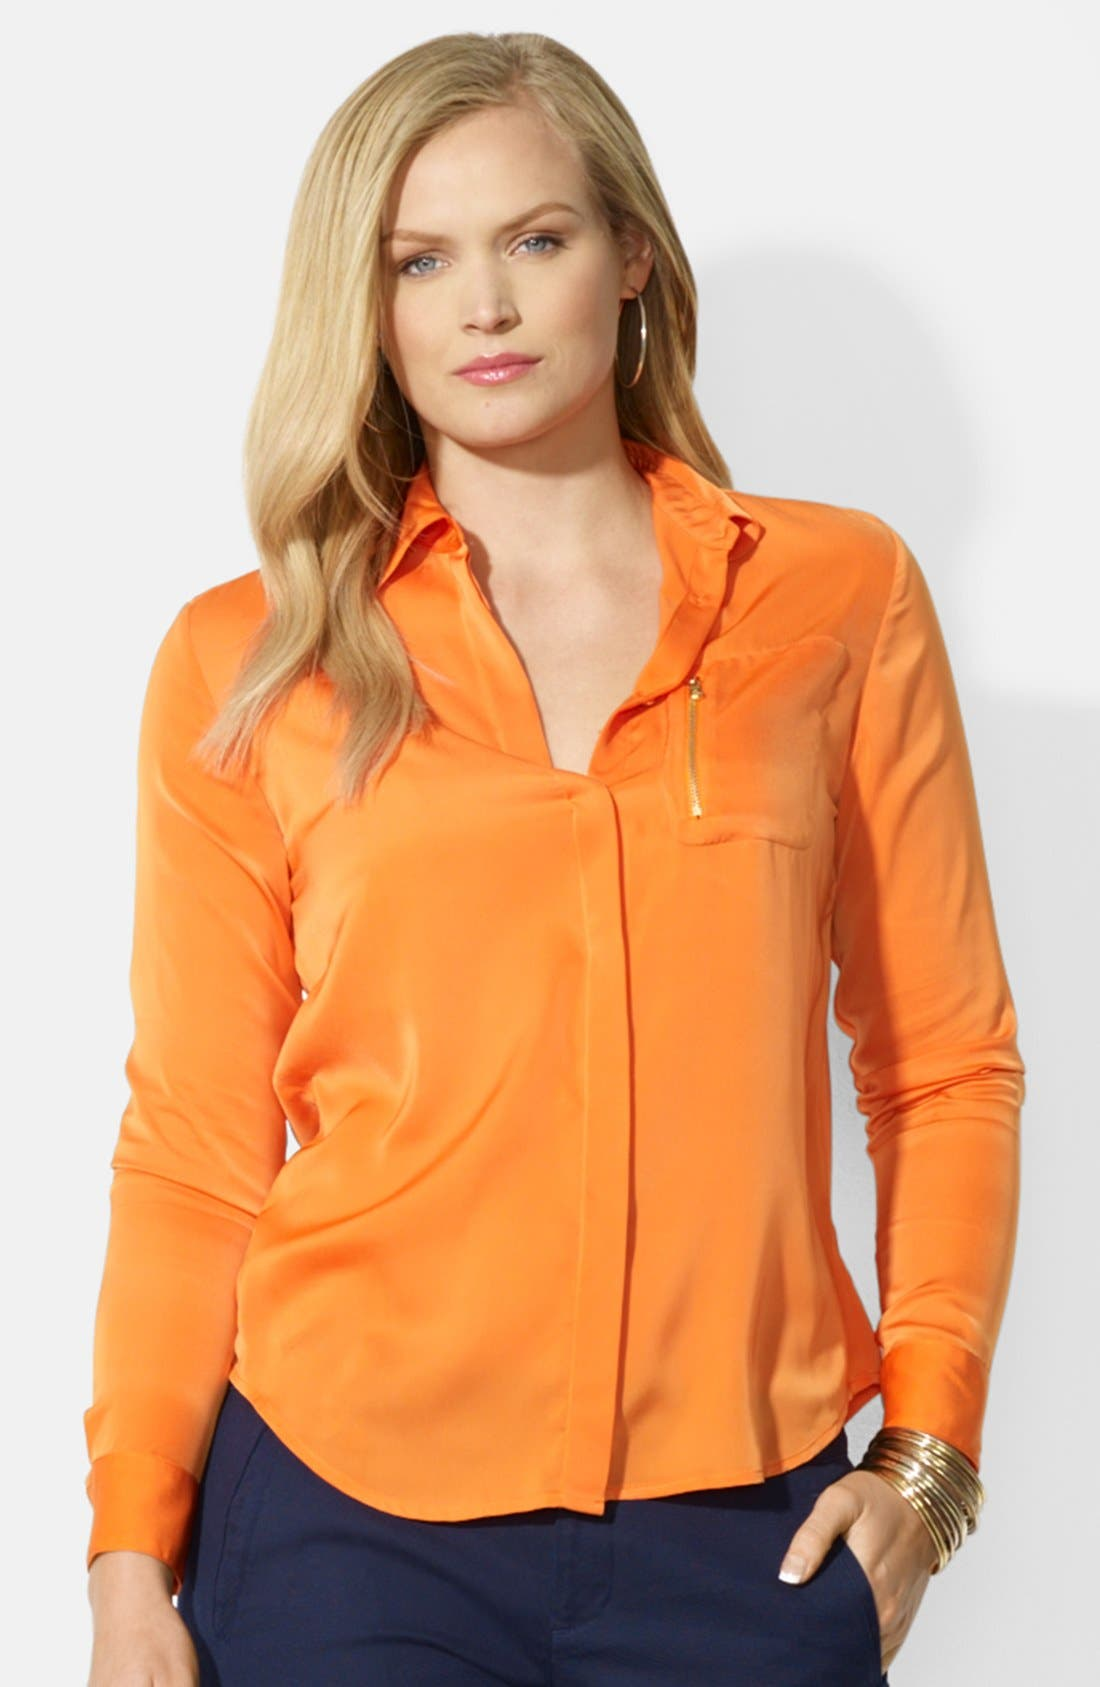 Alternate Image 1 Selected - Lauren Ralph Lauren Zip Pocket Blouse (Plus Size)